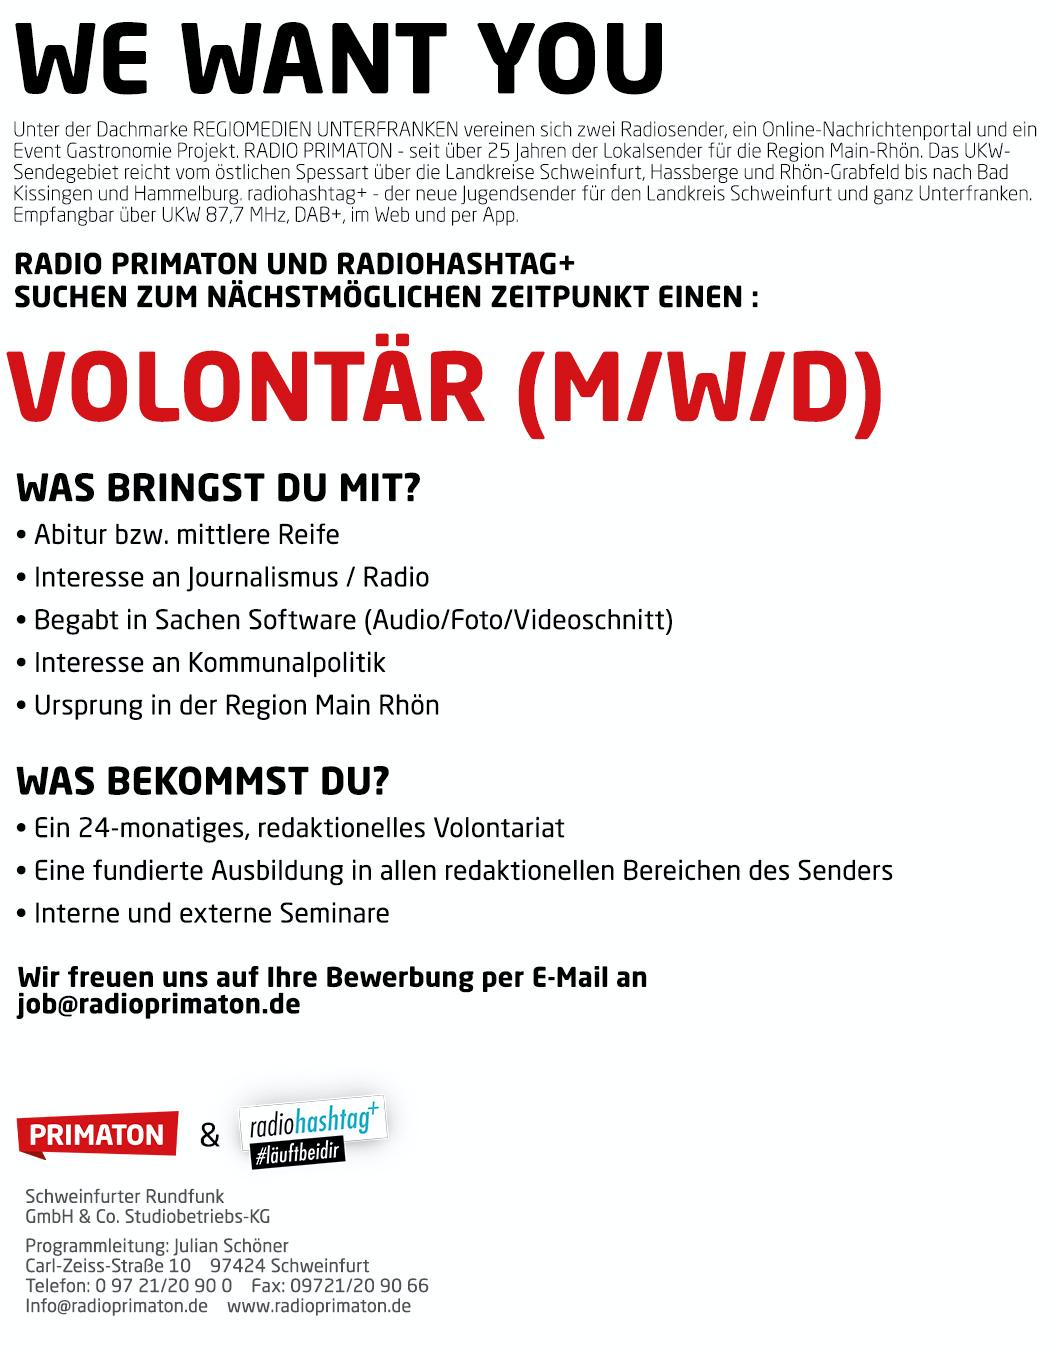 Radio Primaton und radio hashtag+ suchen Volontär (m/w/d)